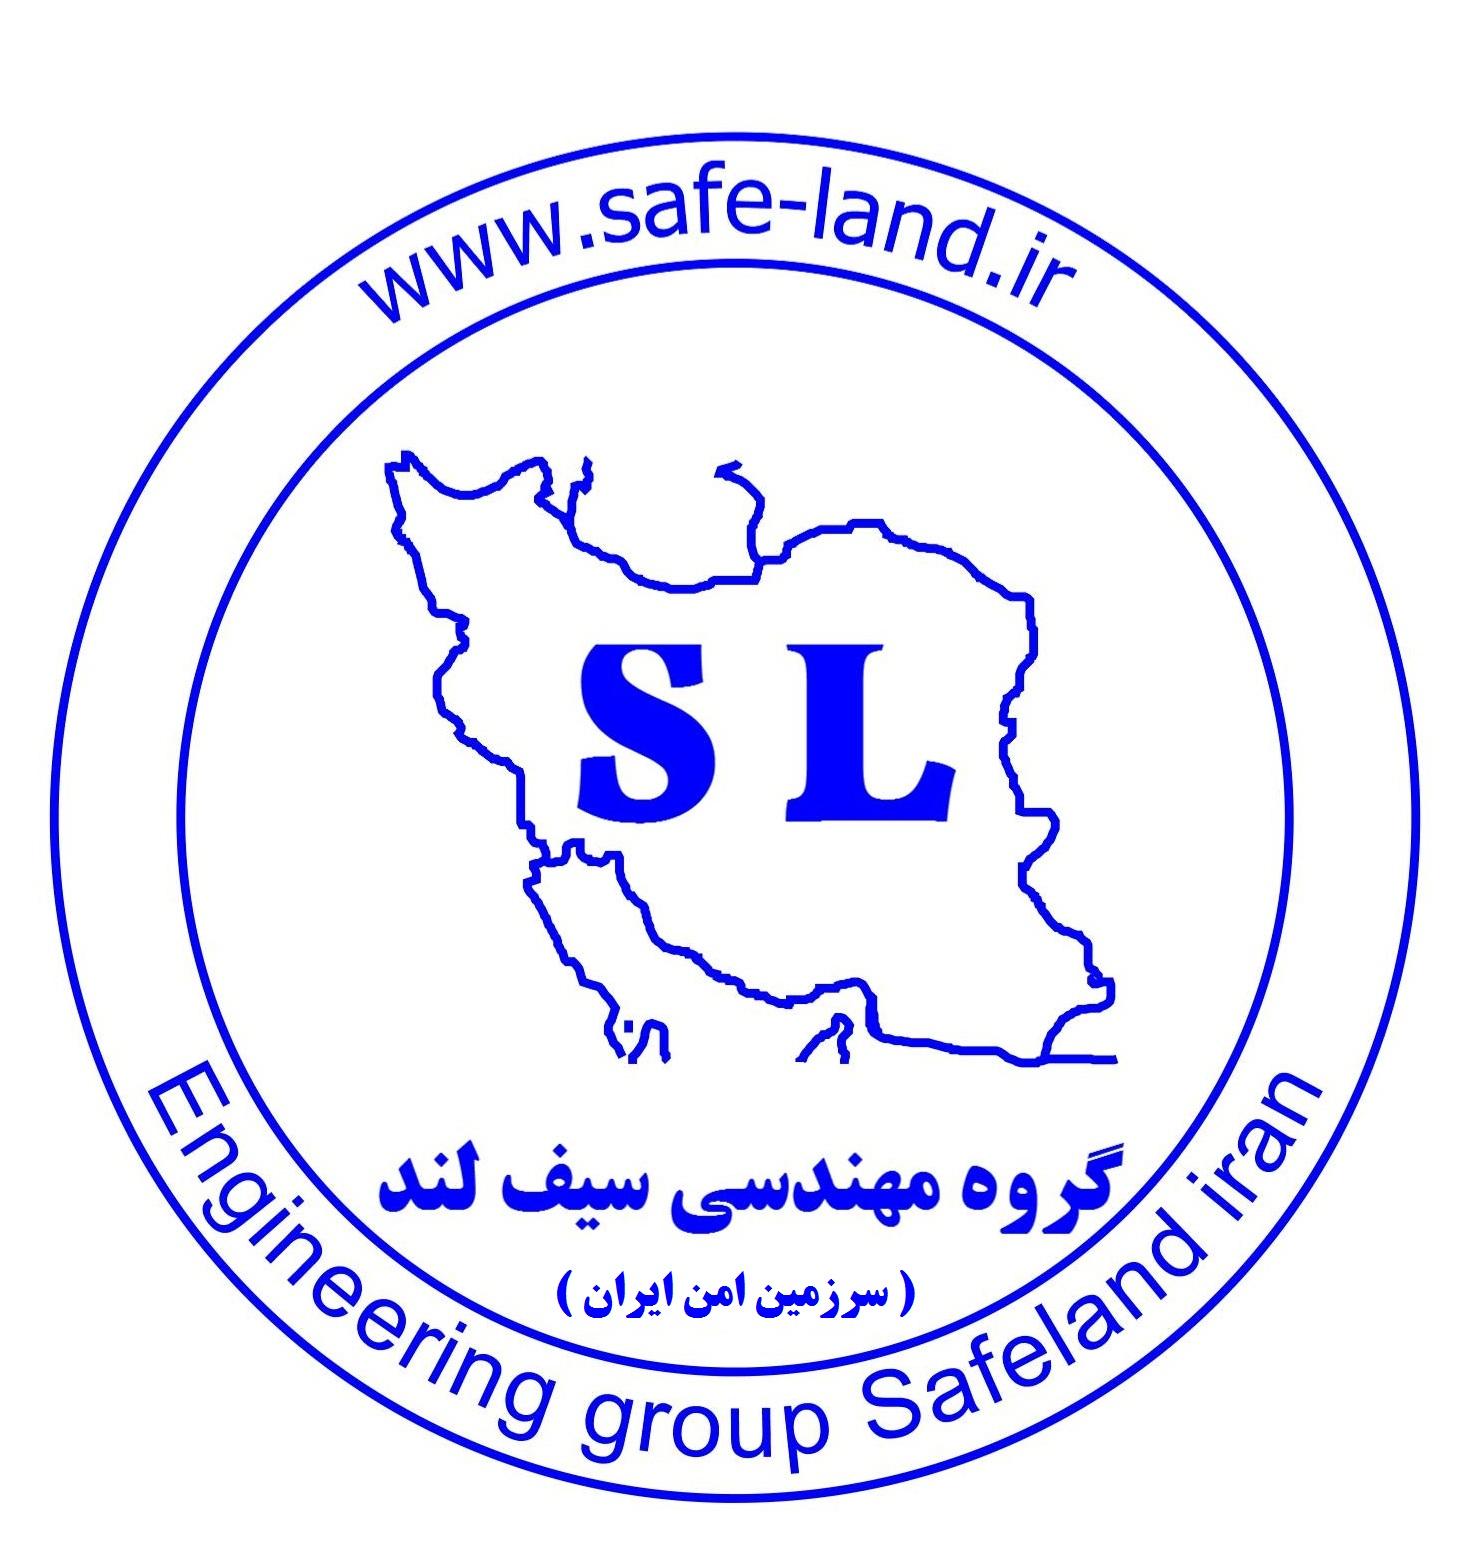 گروه-مهندسی-سیف-لند-ایران-سرزمین-امن-تعمیرات-ماشین-های-اداری-2